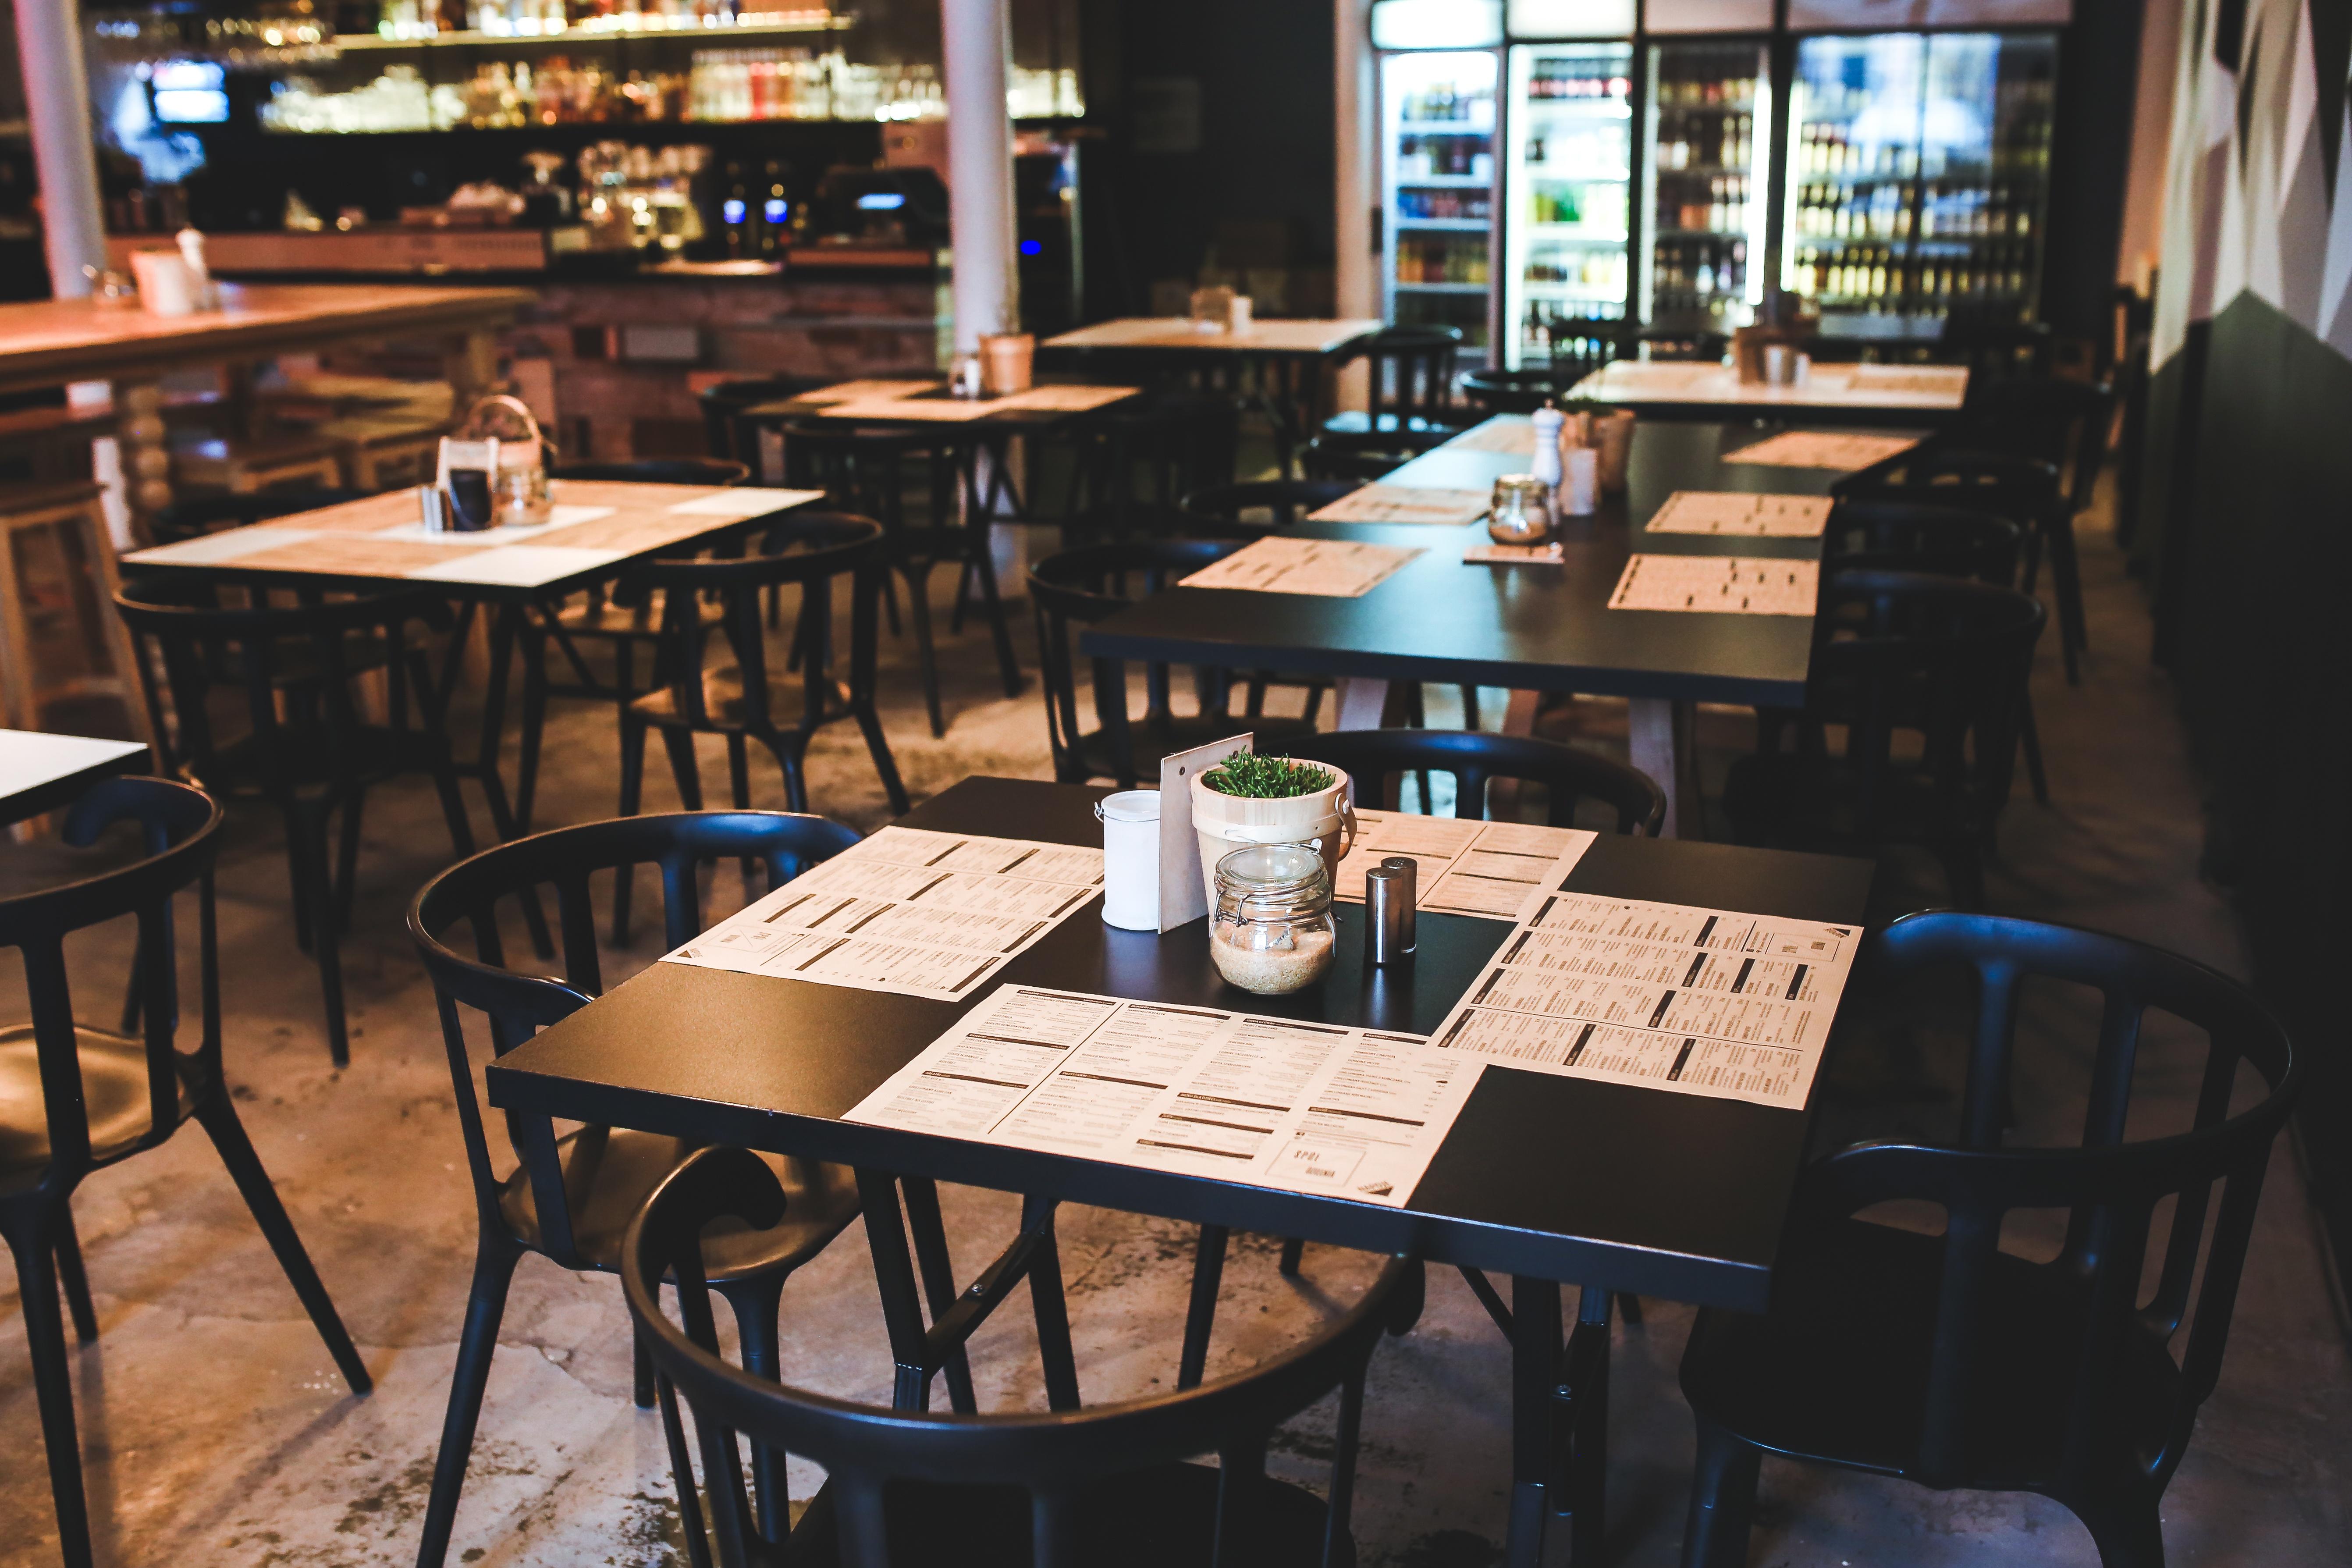 menu-restaurant-vintage-table (1).jpg